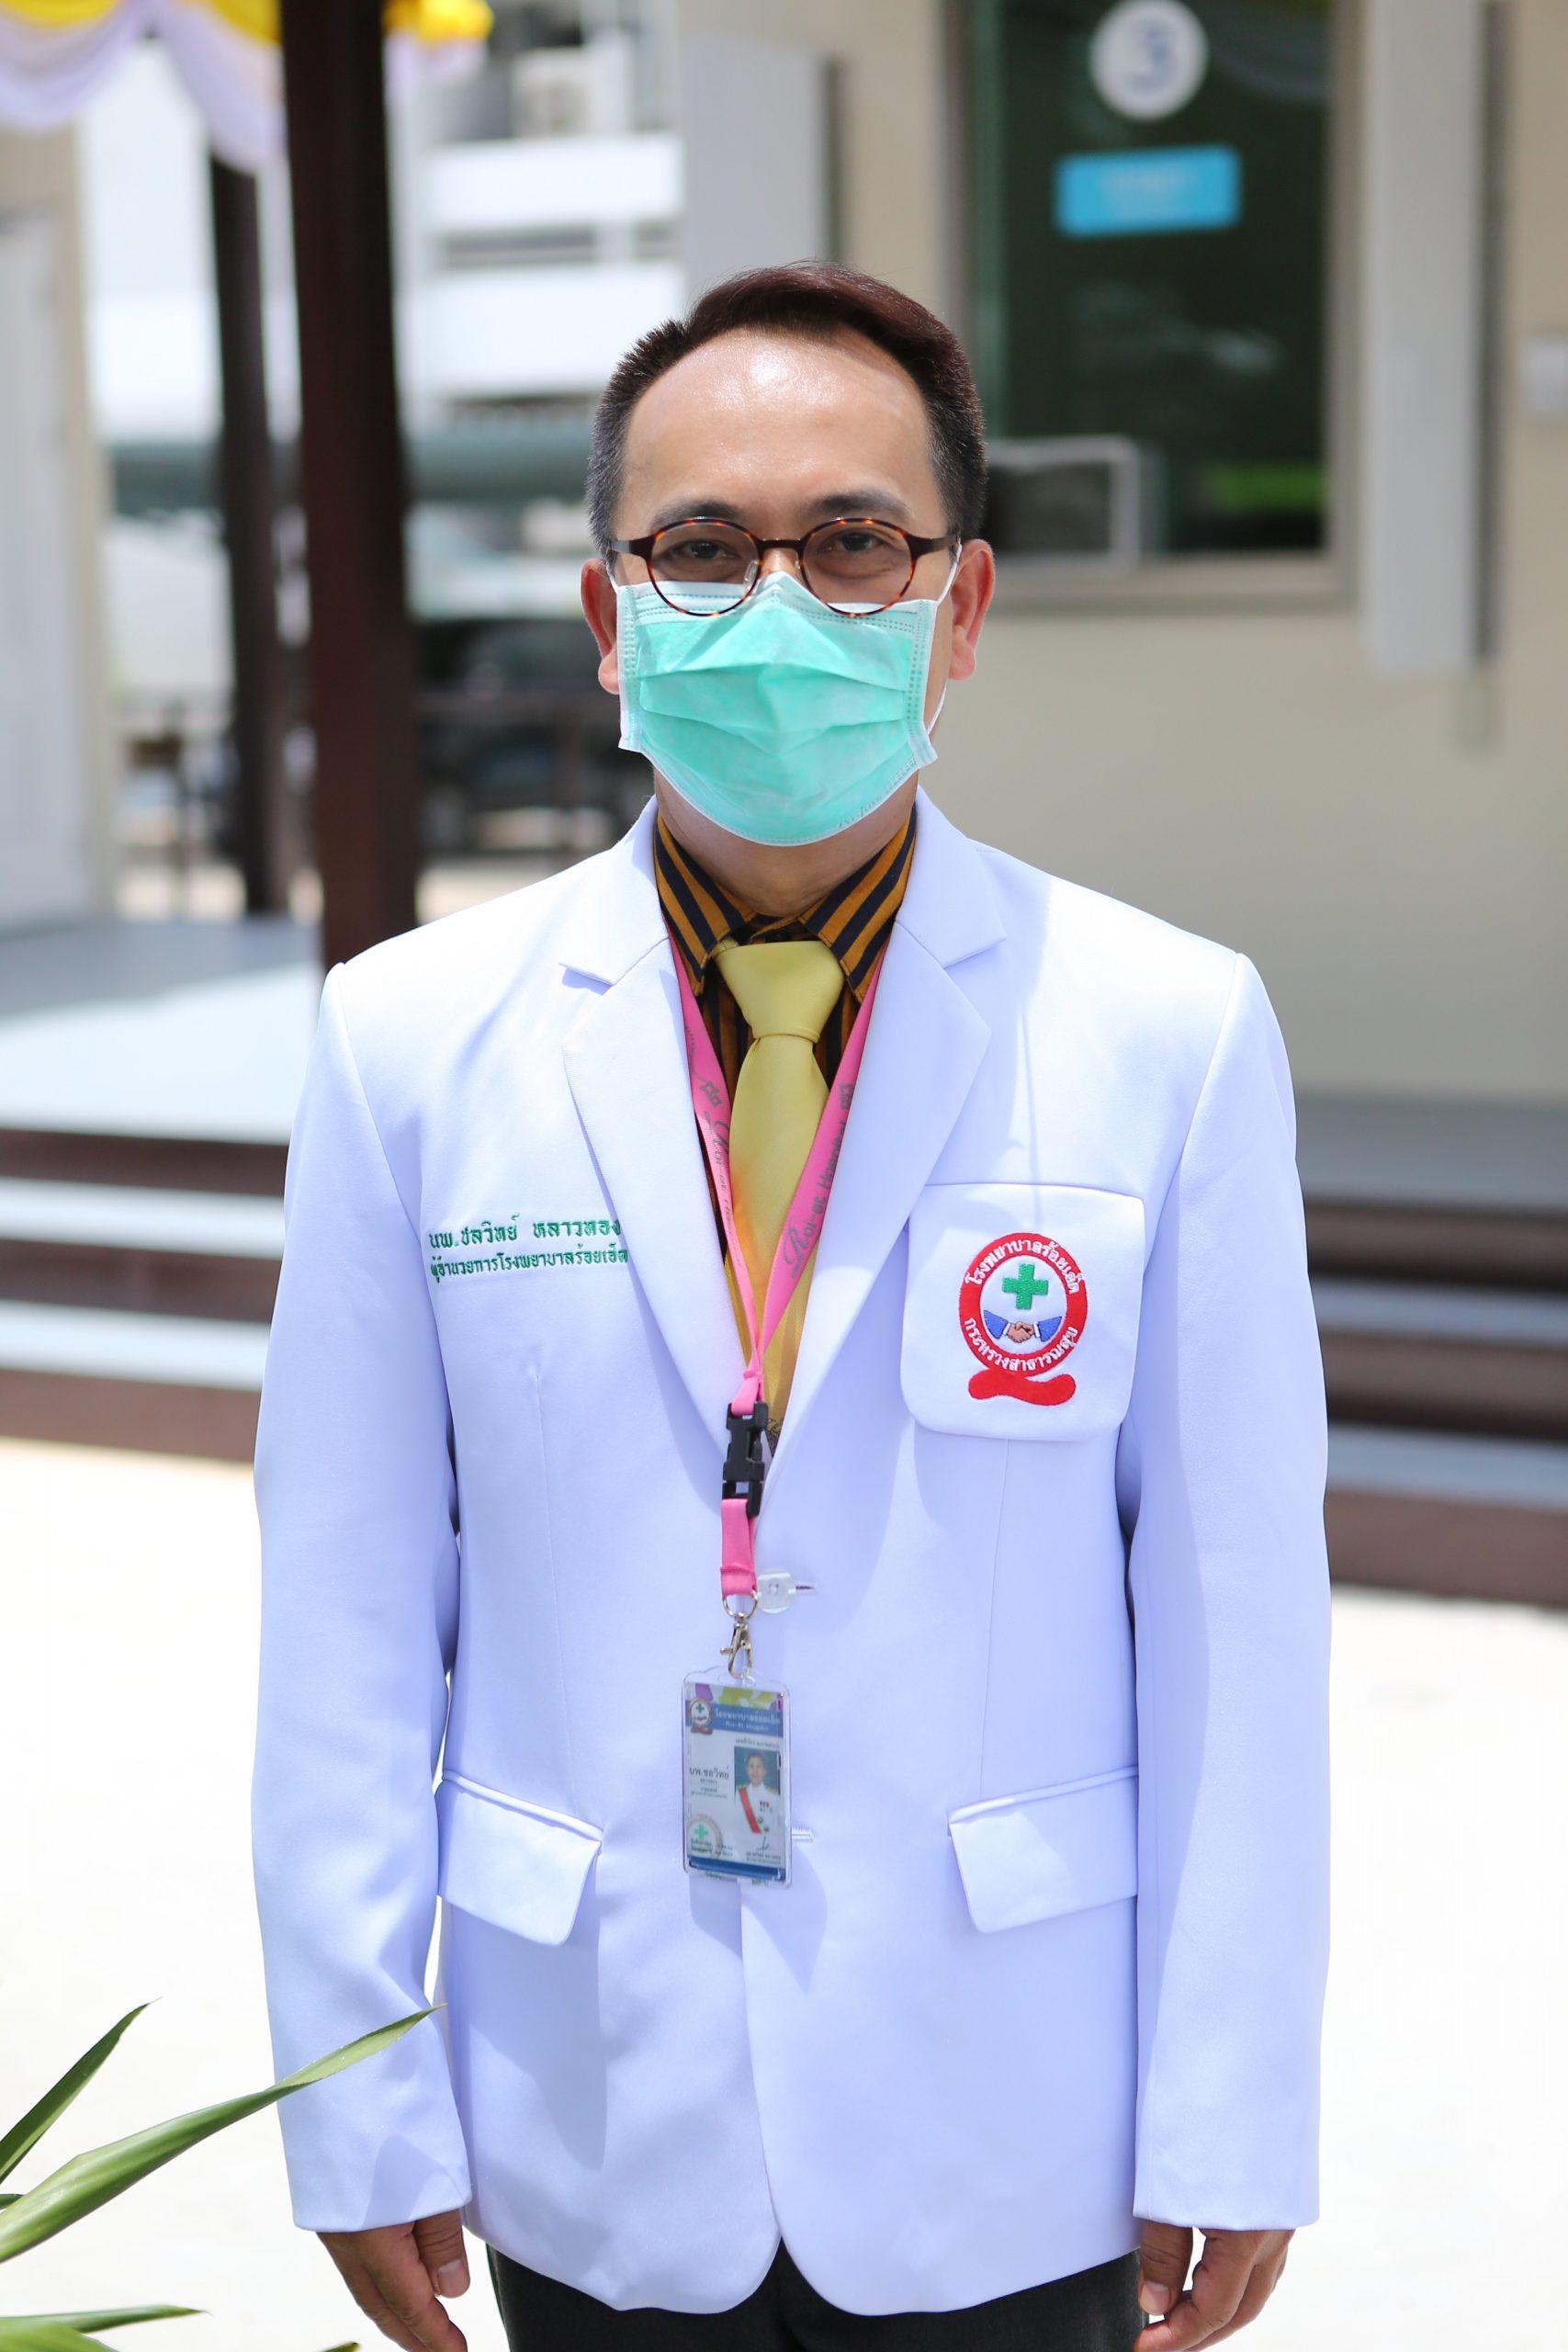 5ผู้อำนวยการโรงพยาบาลร้อยเอ็ด